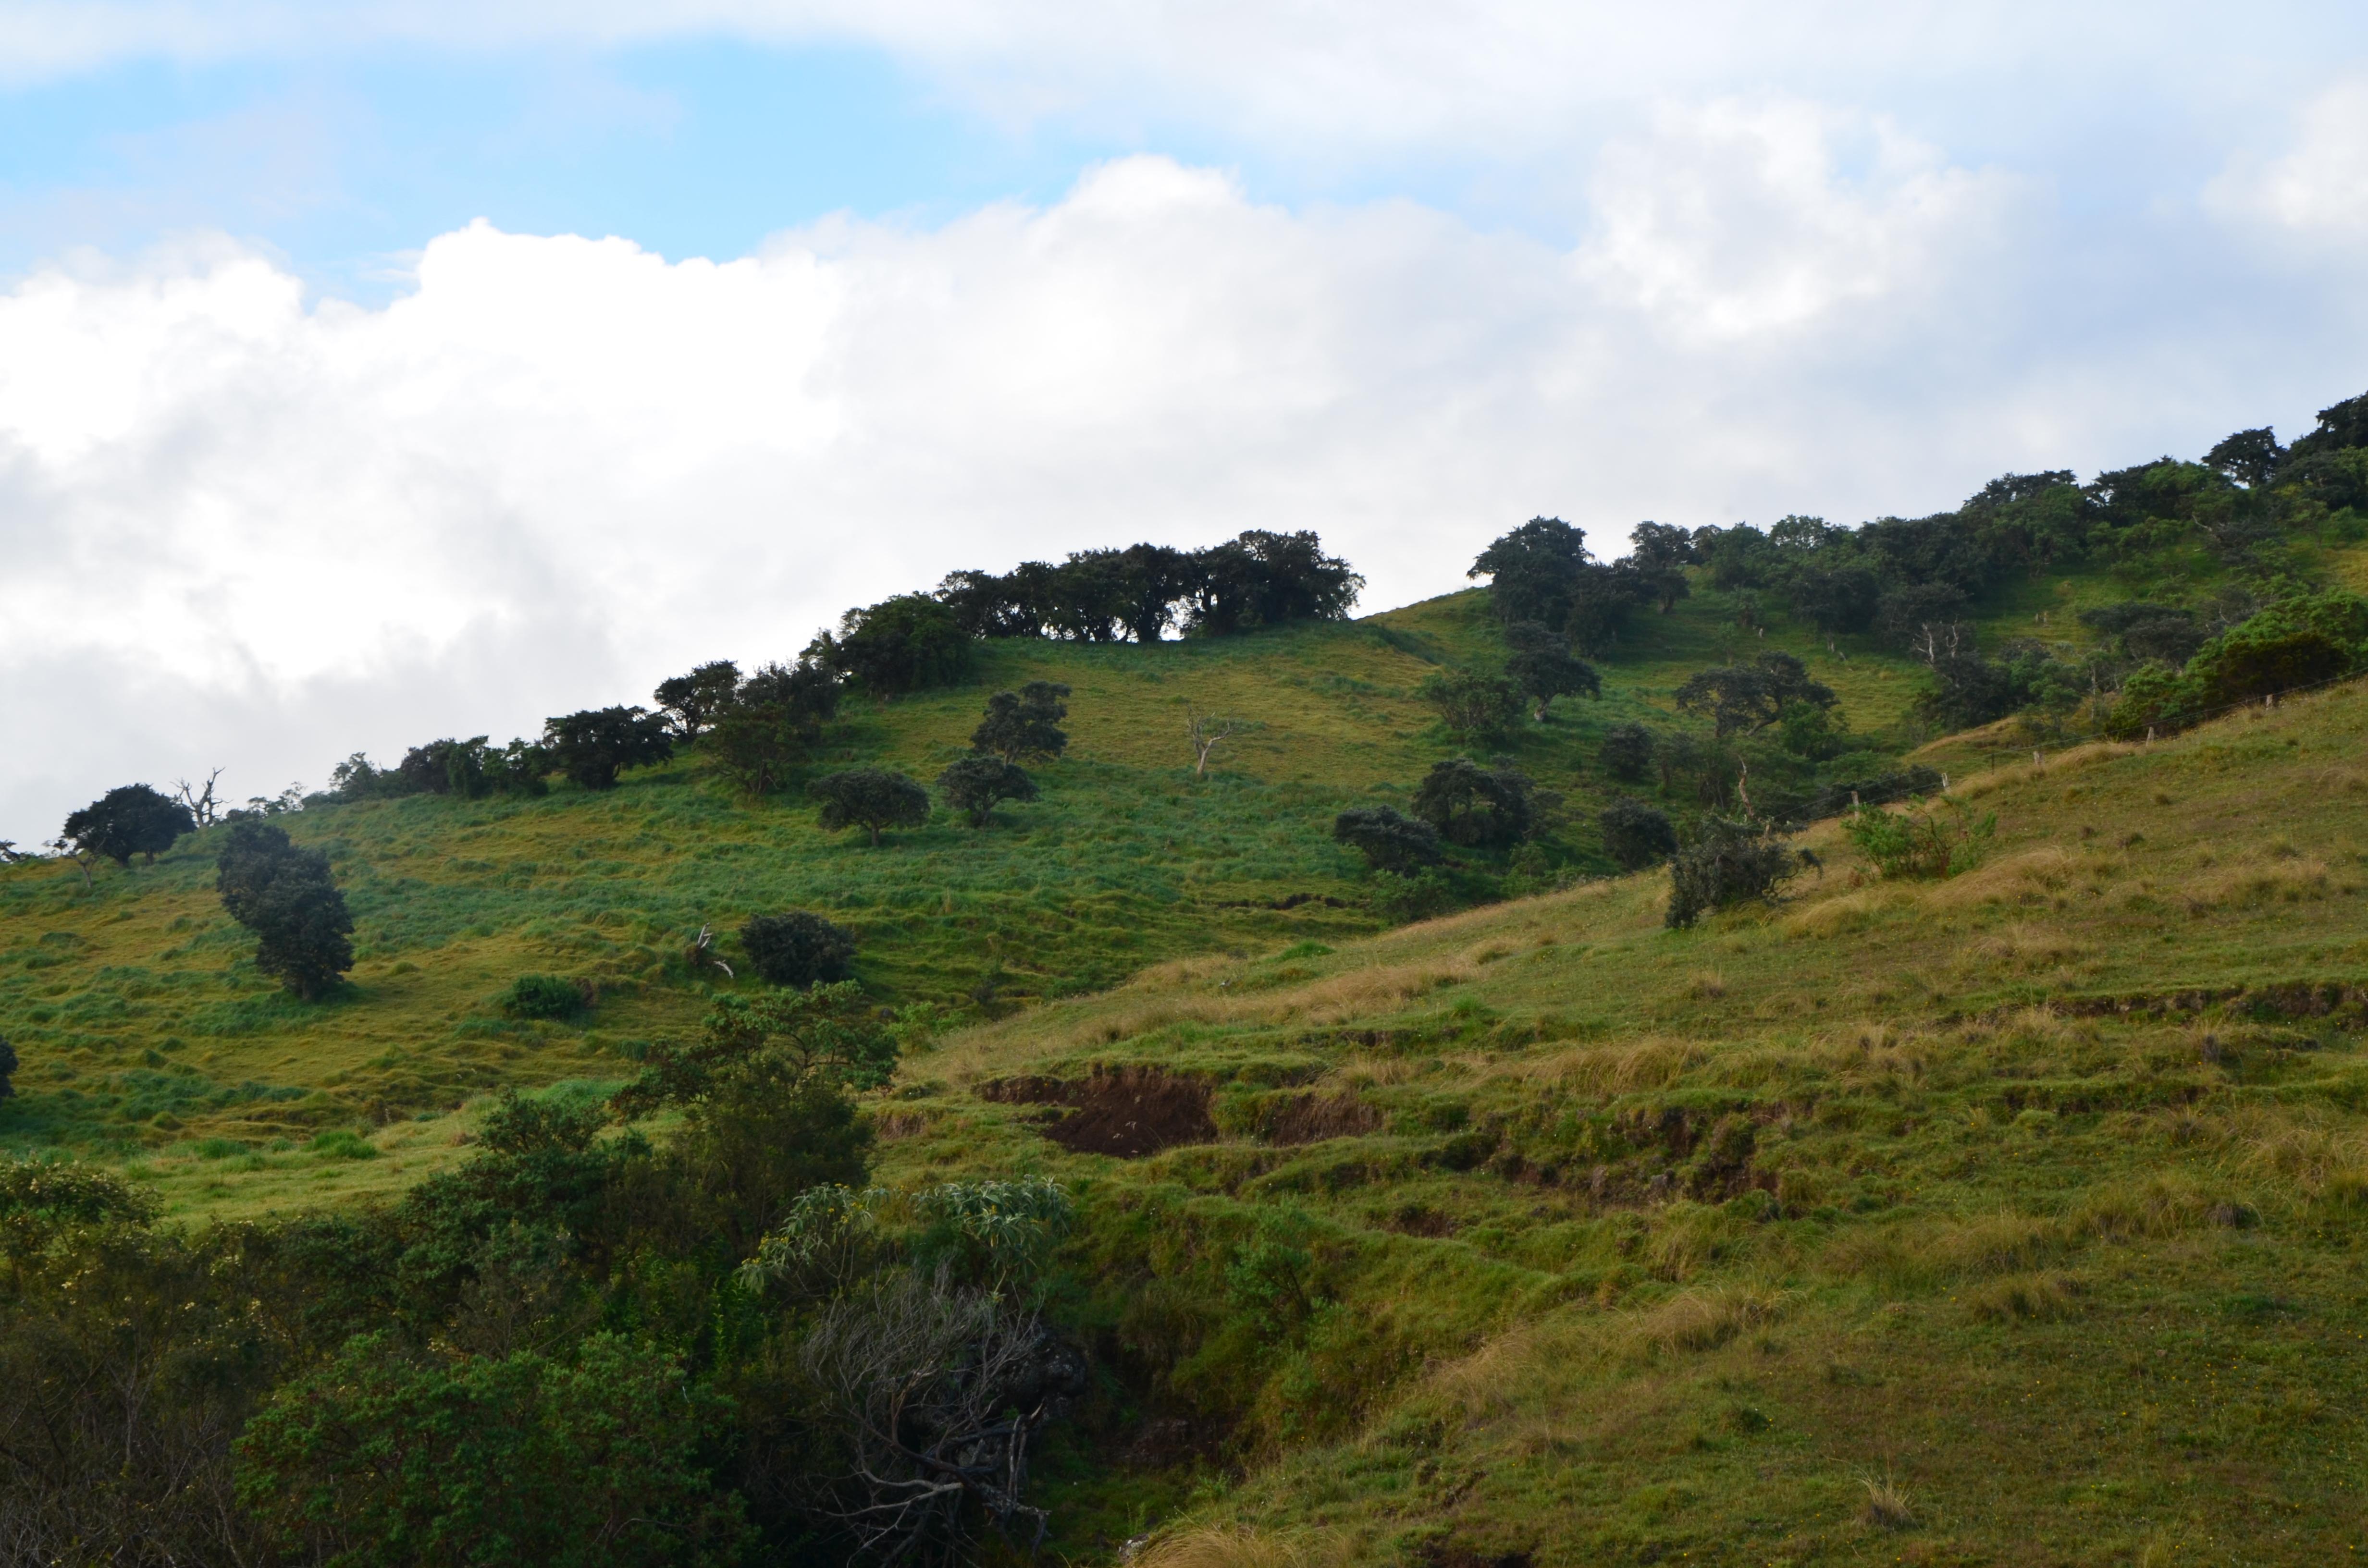 Plaines des cafres à la Réunion: des parcs, des arbres, des vaches et des colllines. Un petit coin de campagne sur une île!